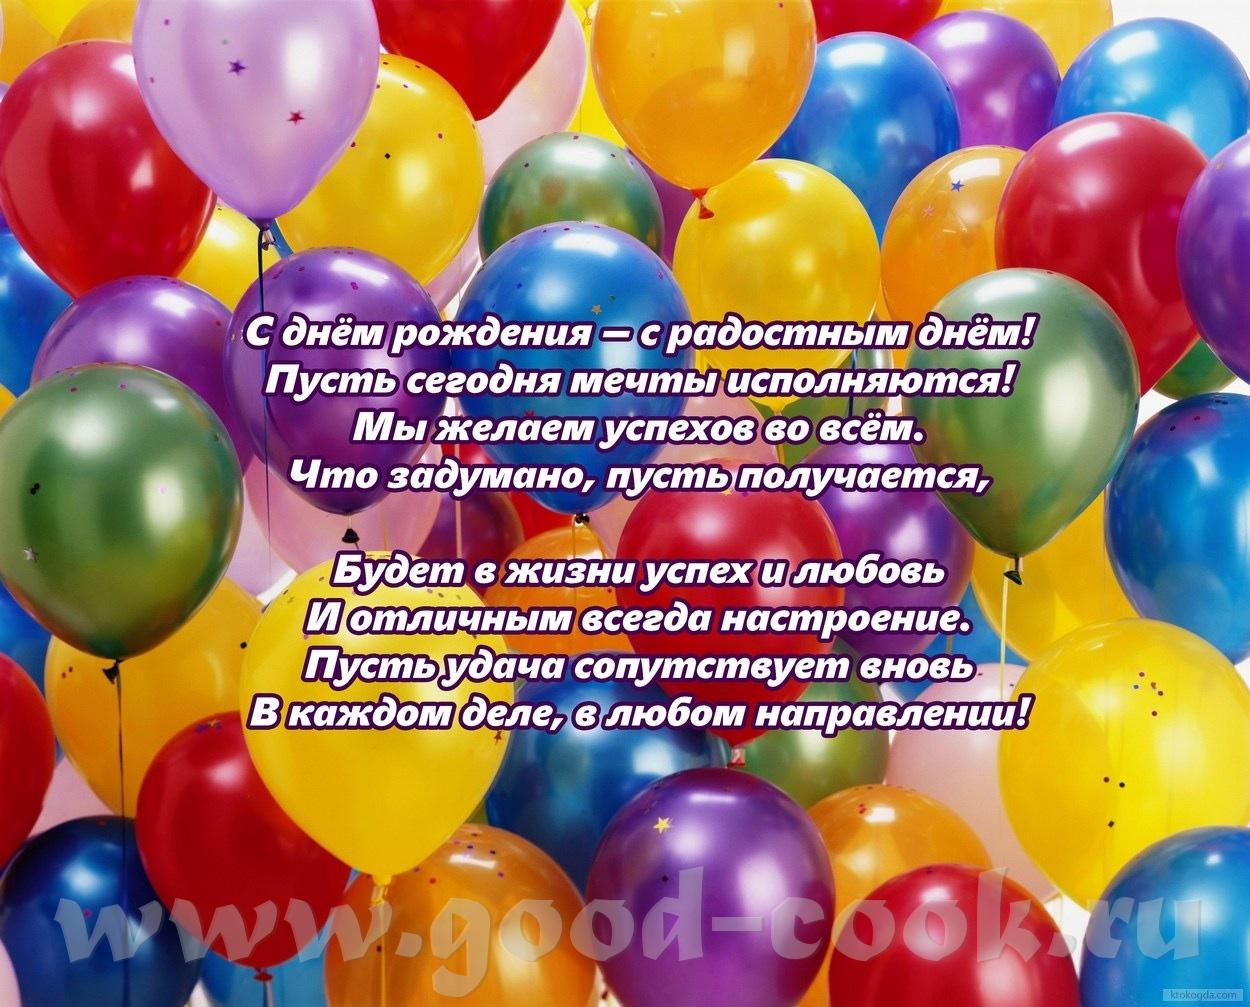 Поздравление кирилл с днем рождения